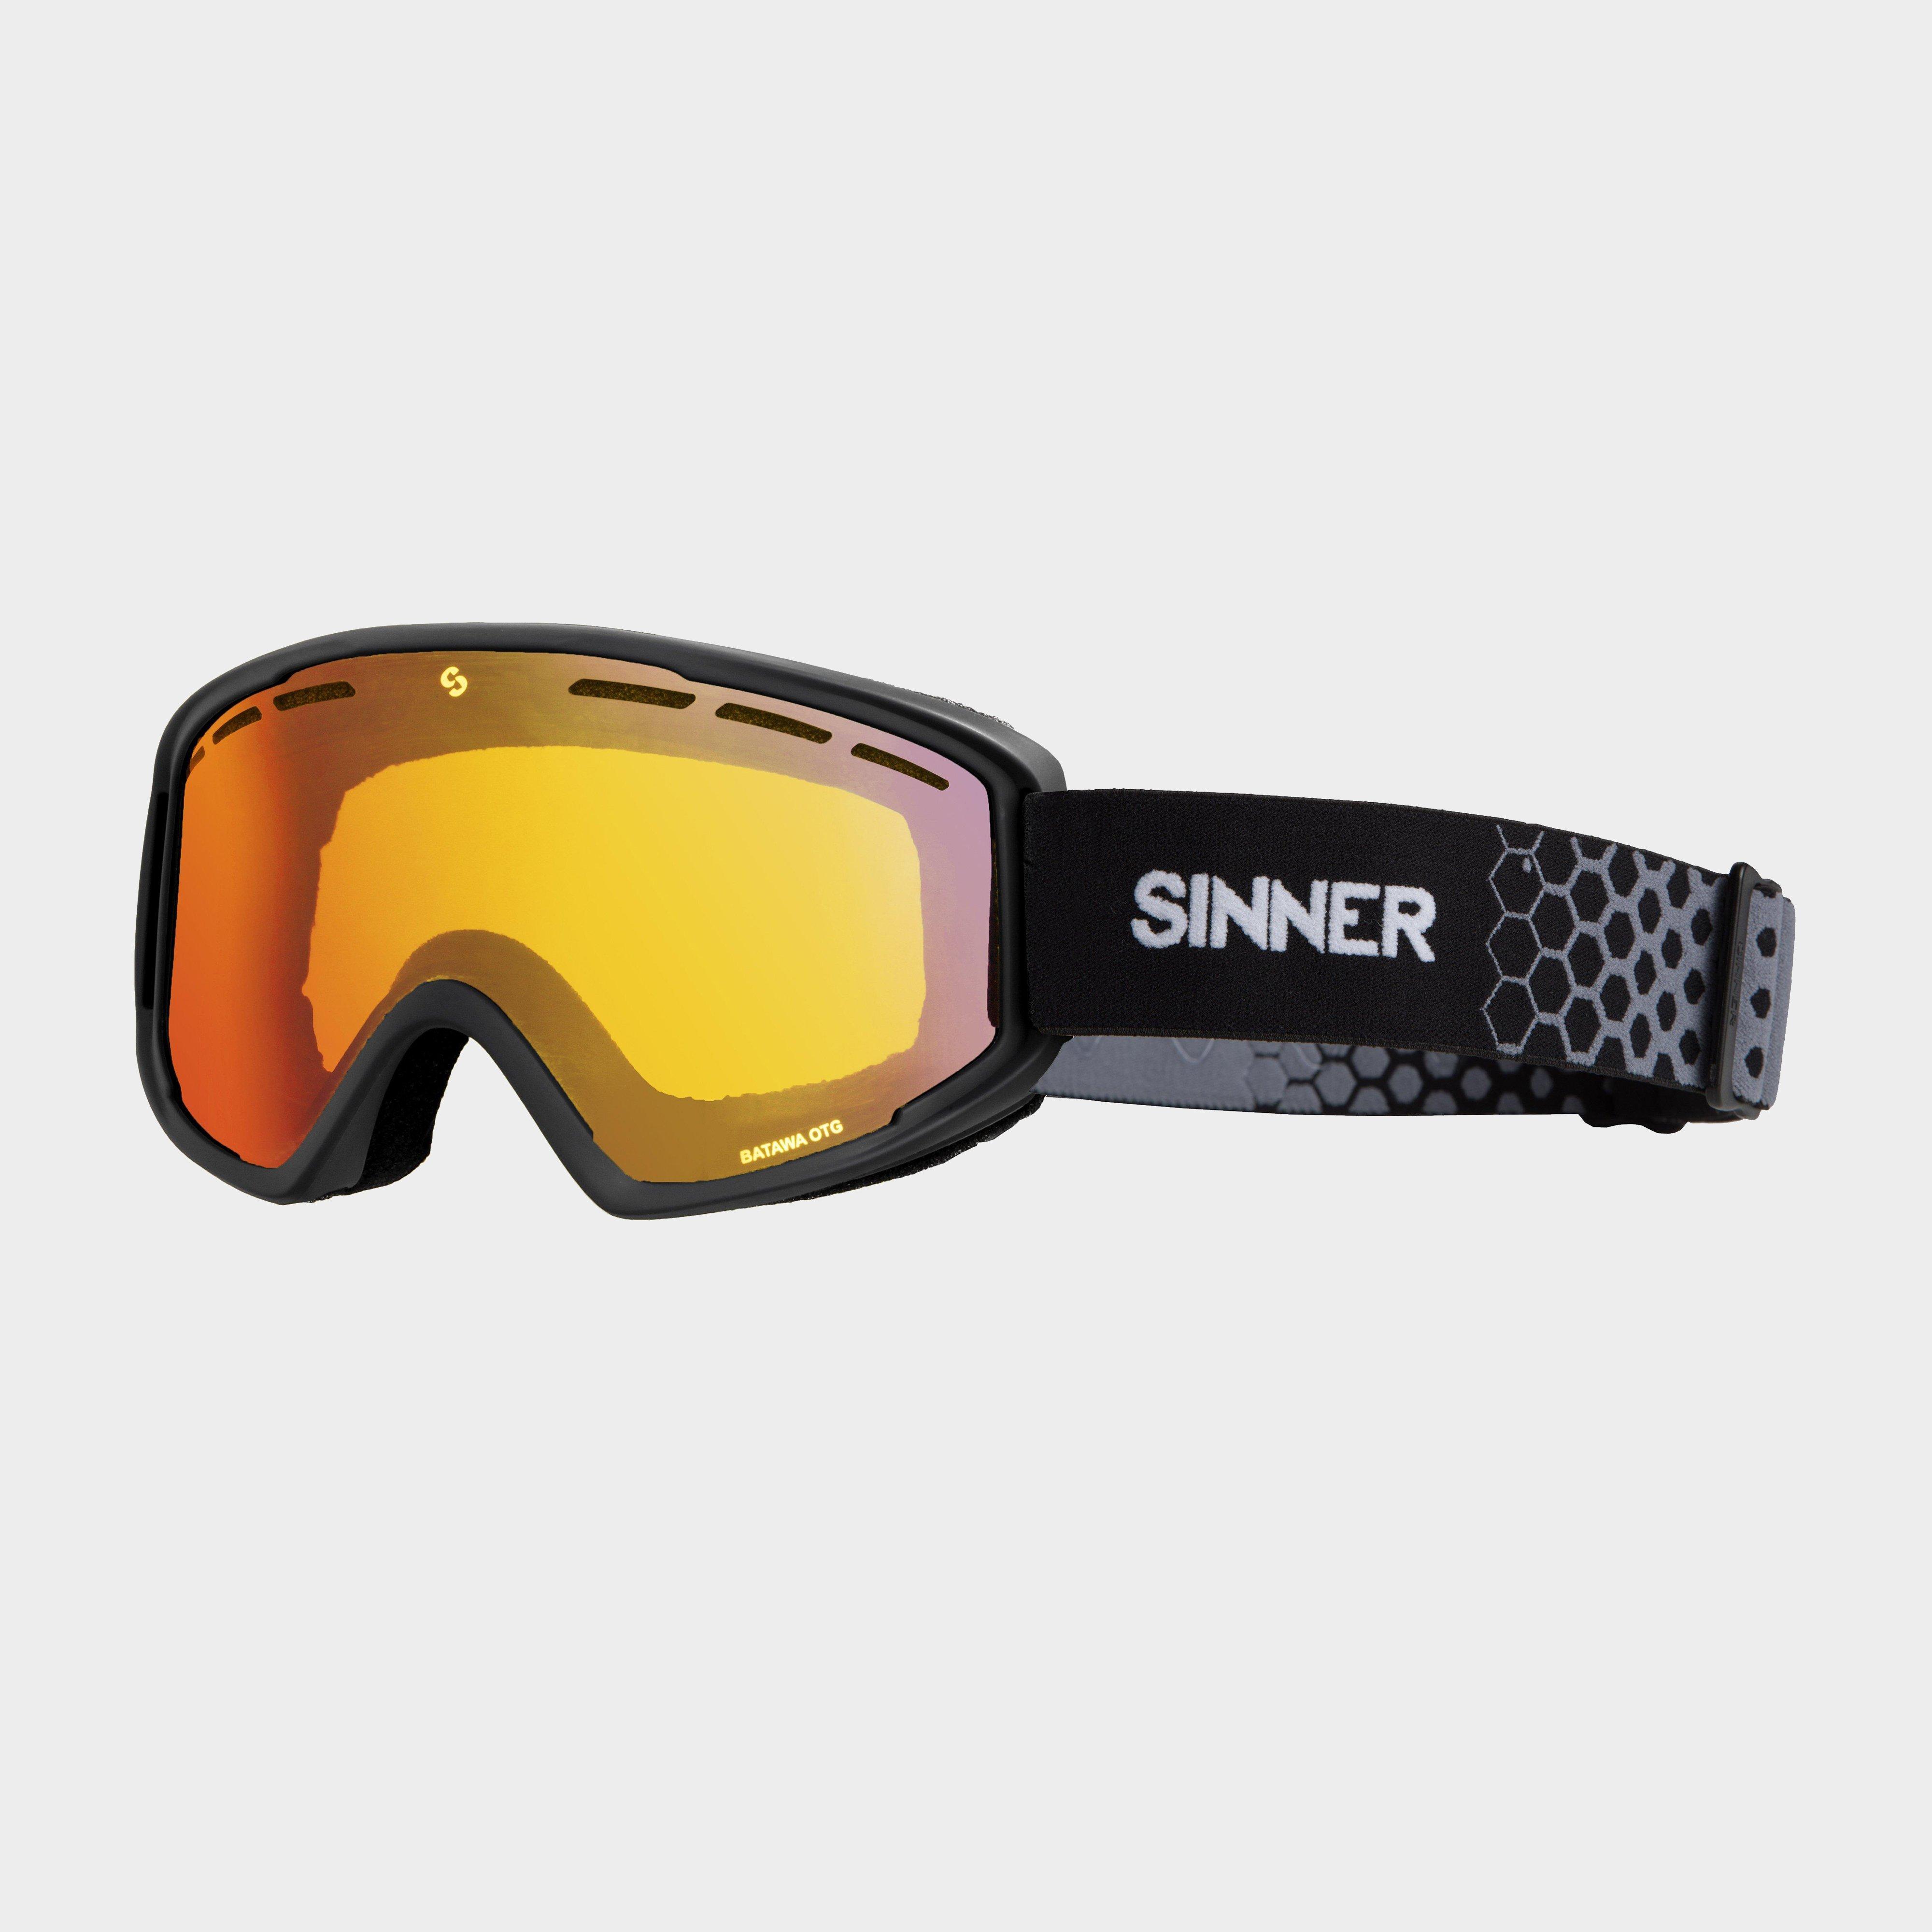 Sinner BATAWA OTG RED MIRROR Goggles, ORANGE/VEN